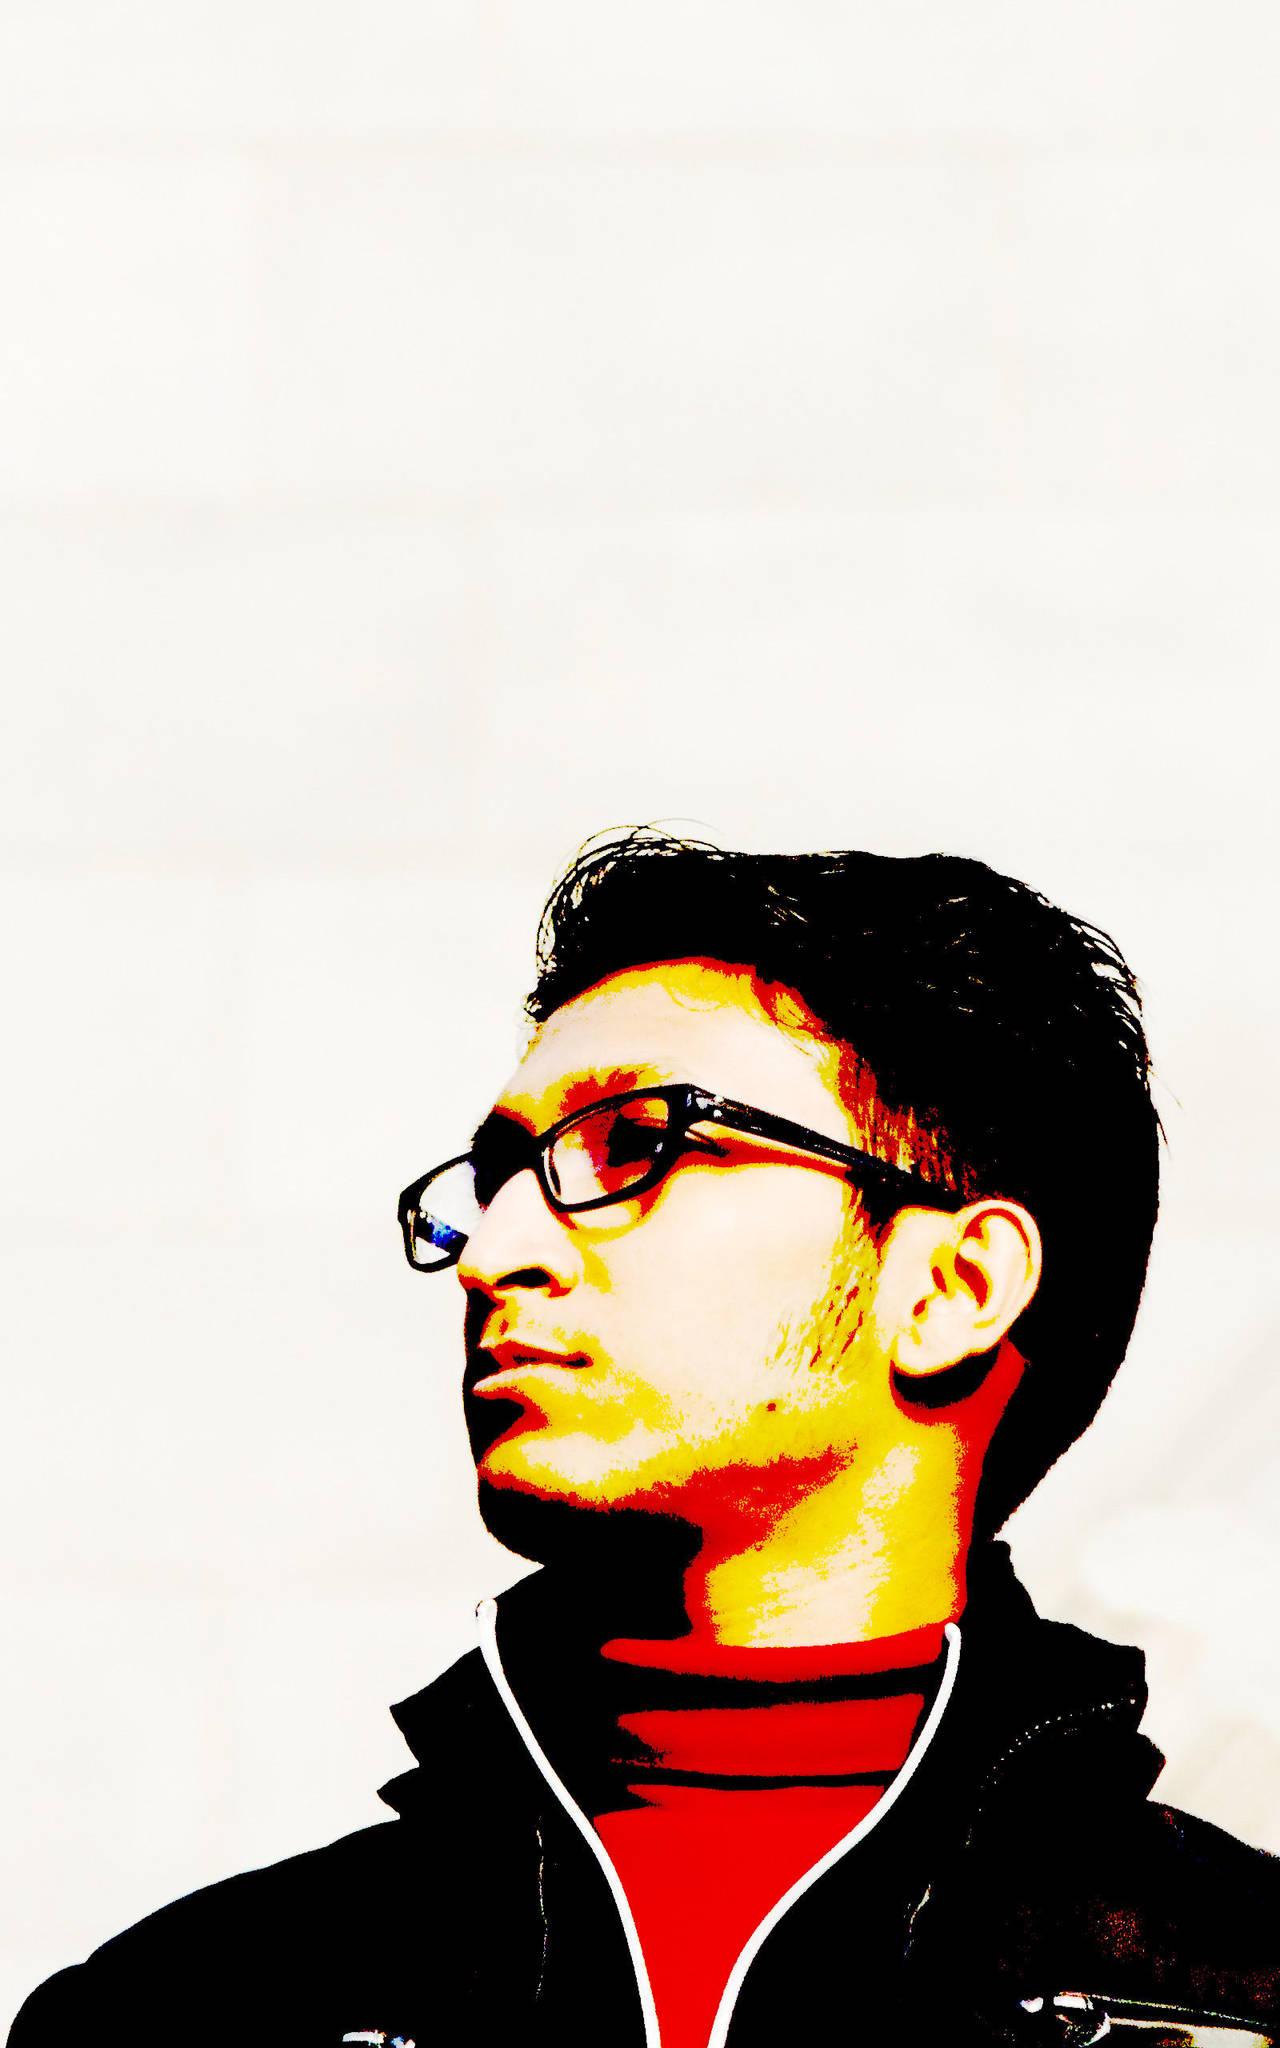 im-phreak's Profile Picture